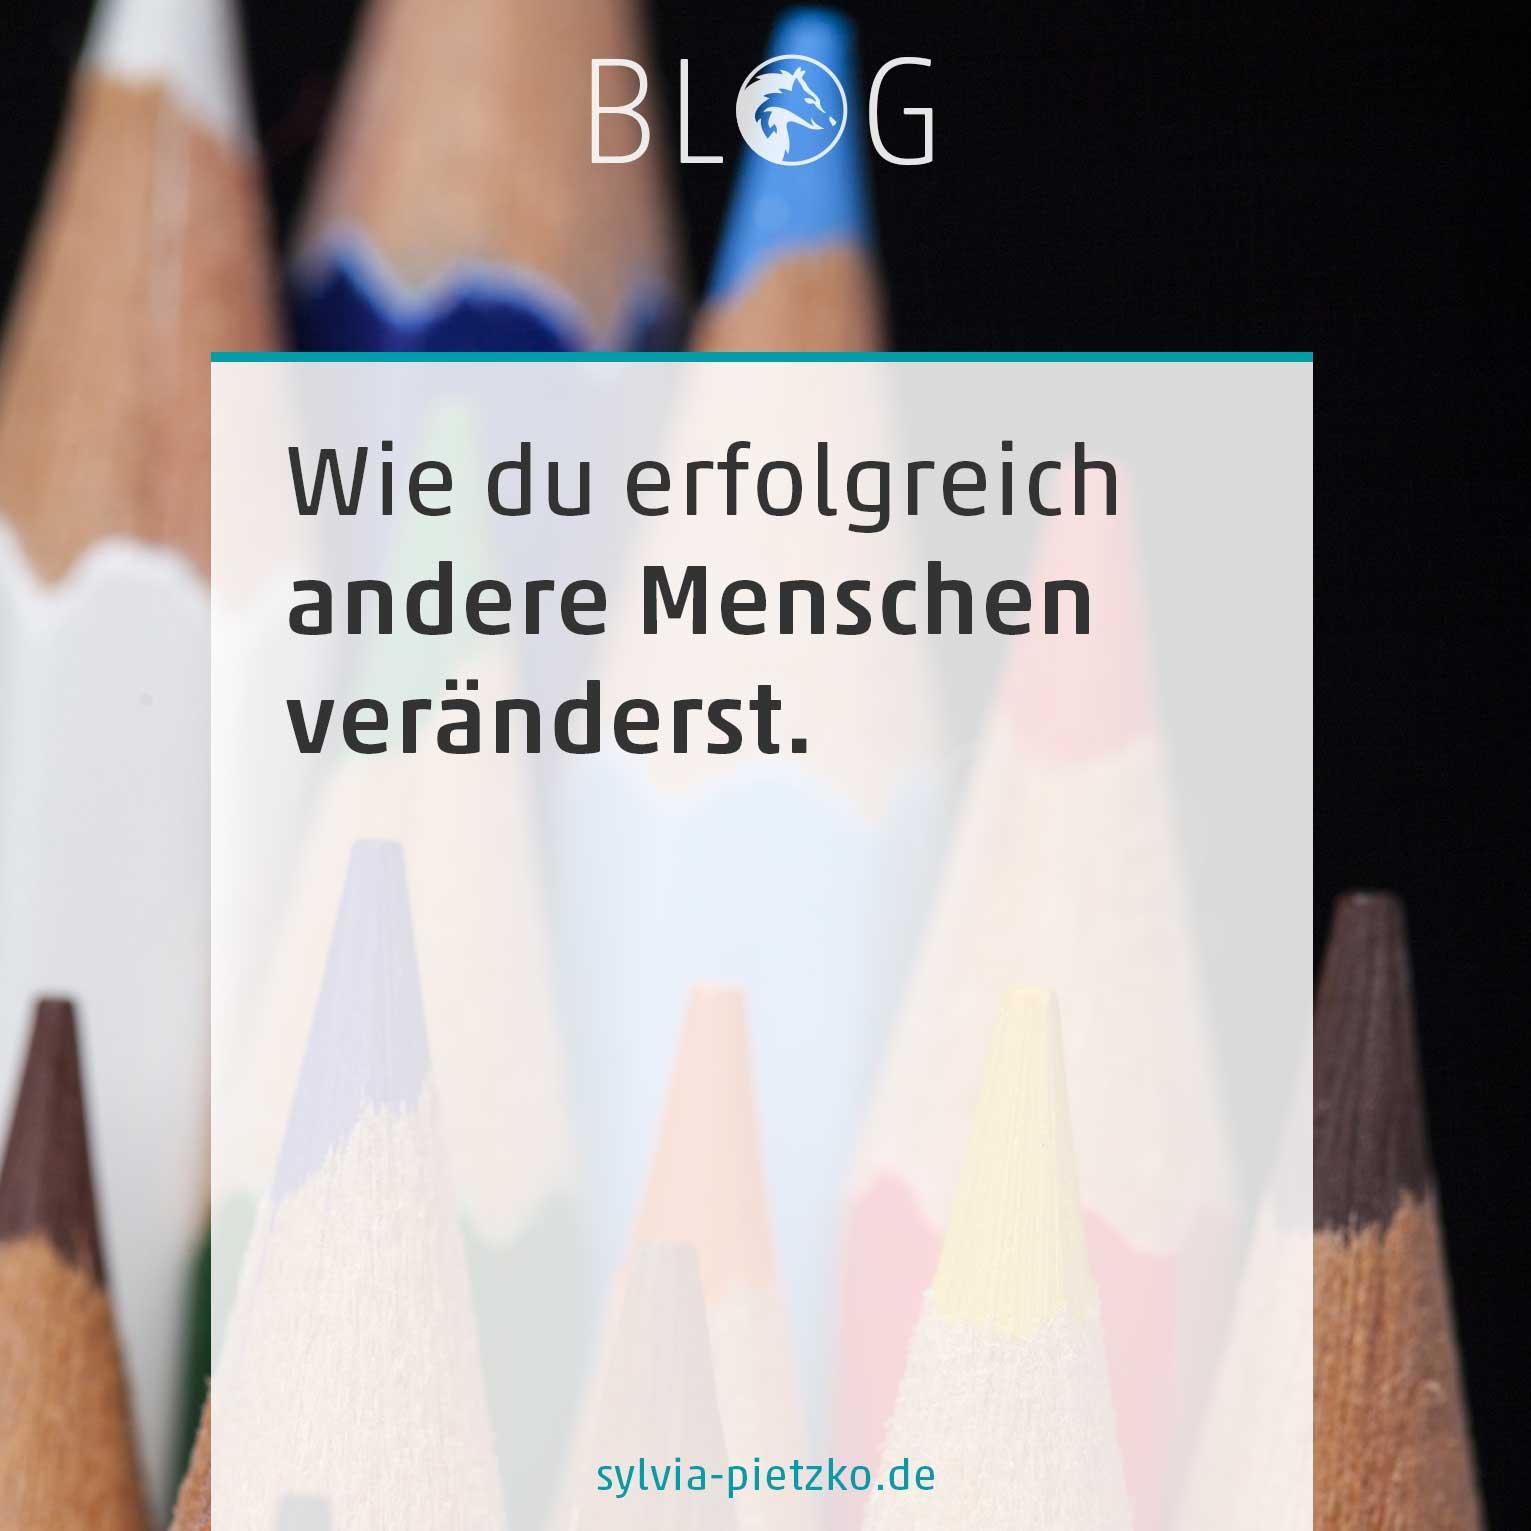 Blogpost Wie du erfolgreich andere Menschen veränderst